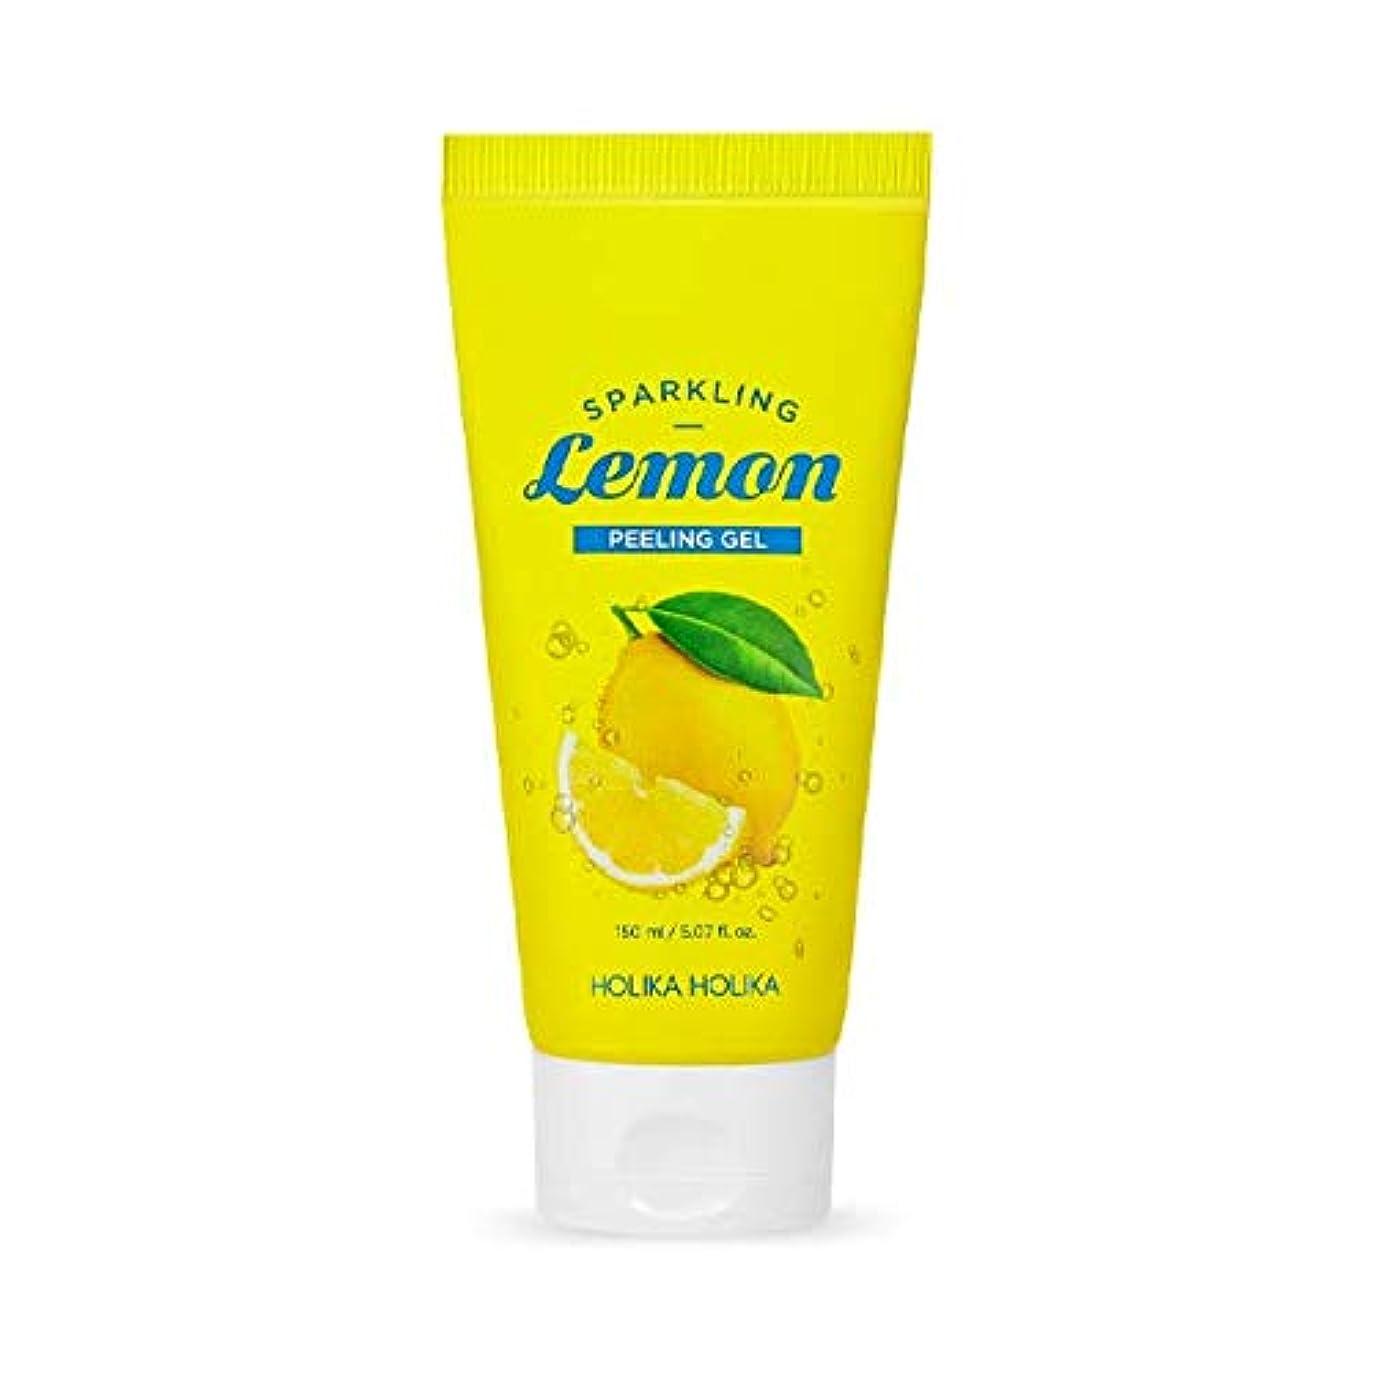 砂利施設担保ホリカホリカ 炭酸レモンピーリングジェル/HOLIKA Sparkling Lemon Peeling Gel 150ml 韓国コスメ [並行輸入品]